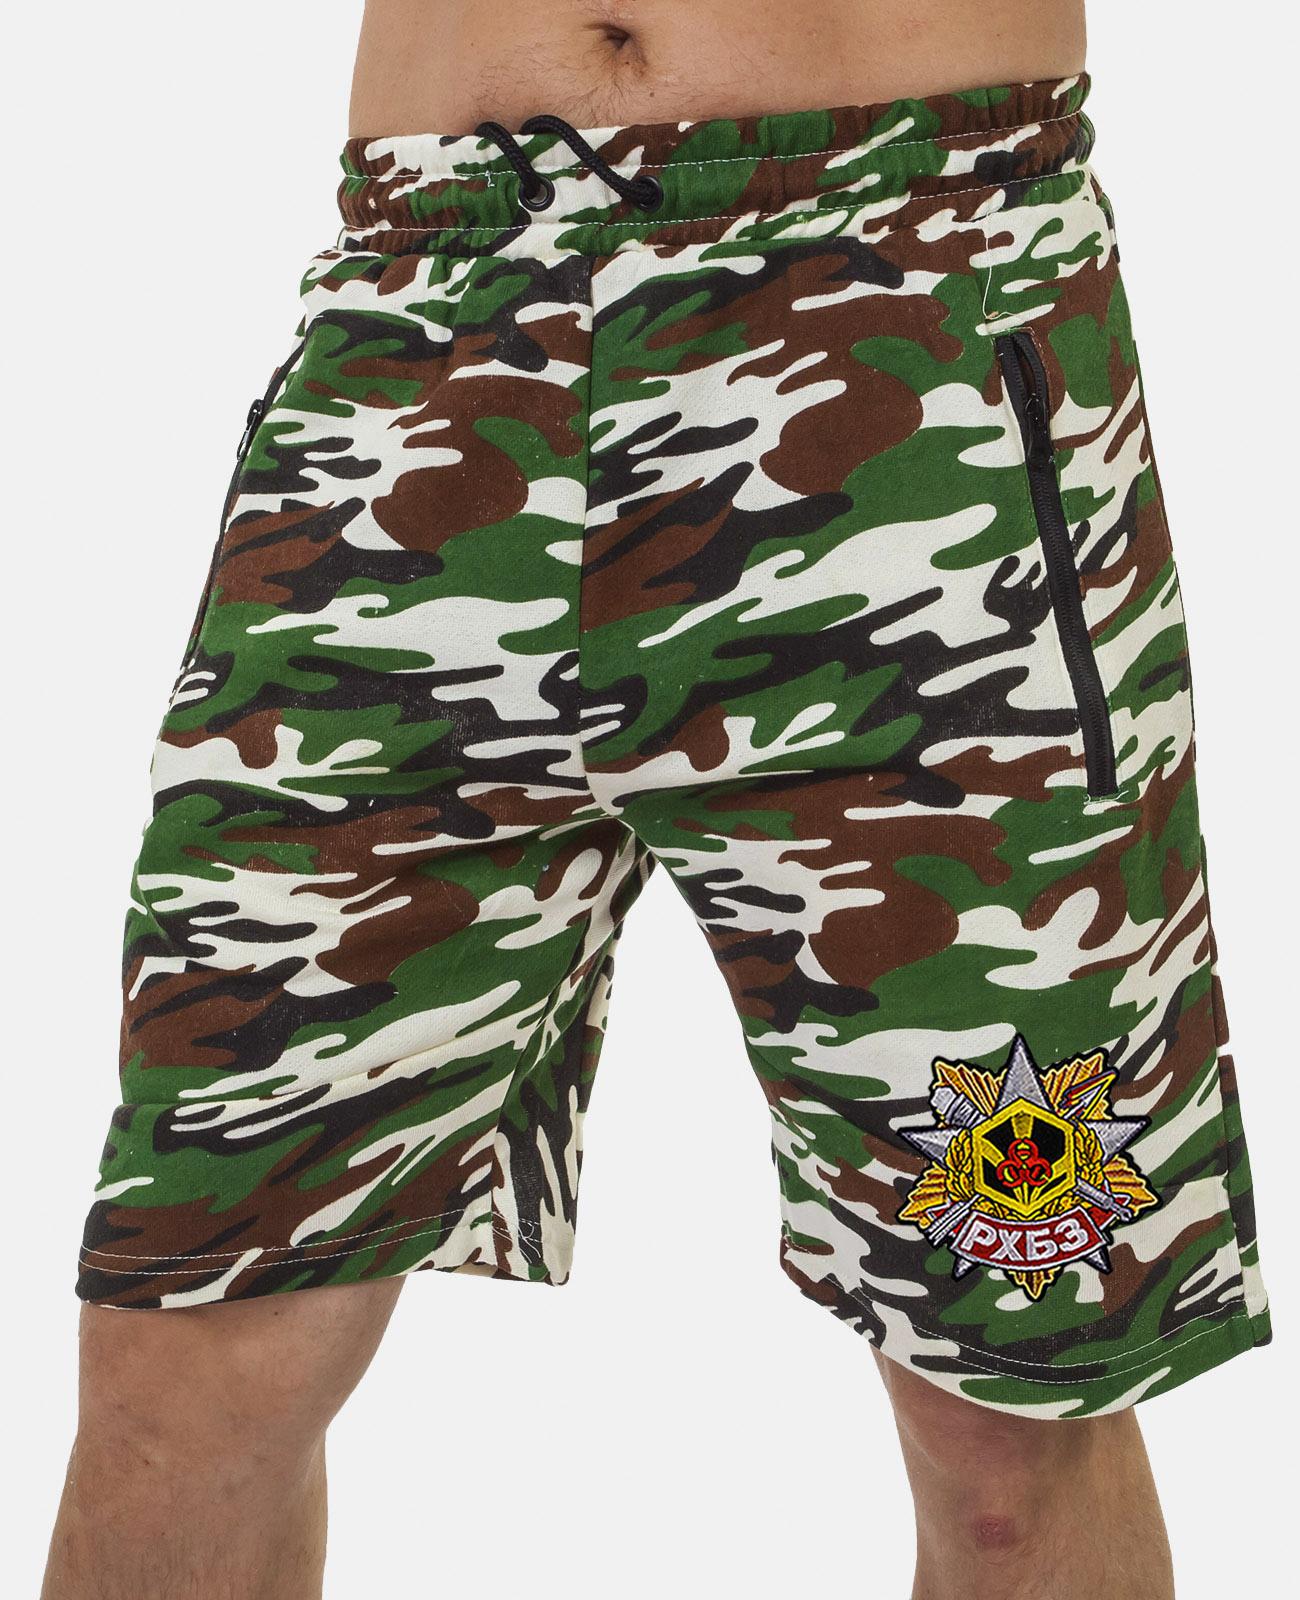 Купить удобные удлиненные шорты с нашивкой РХБЗ в подарок мужчине